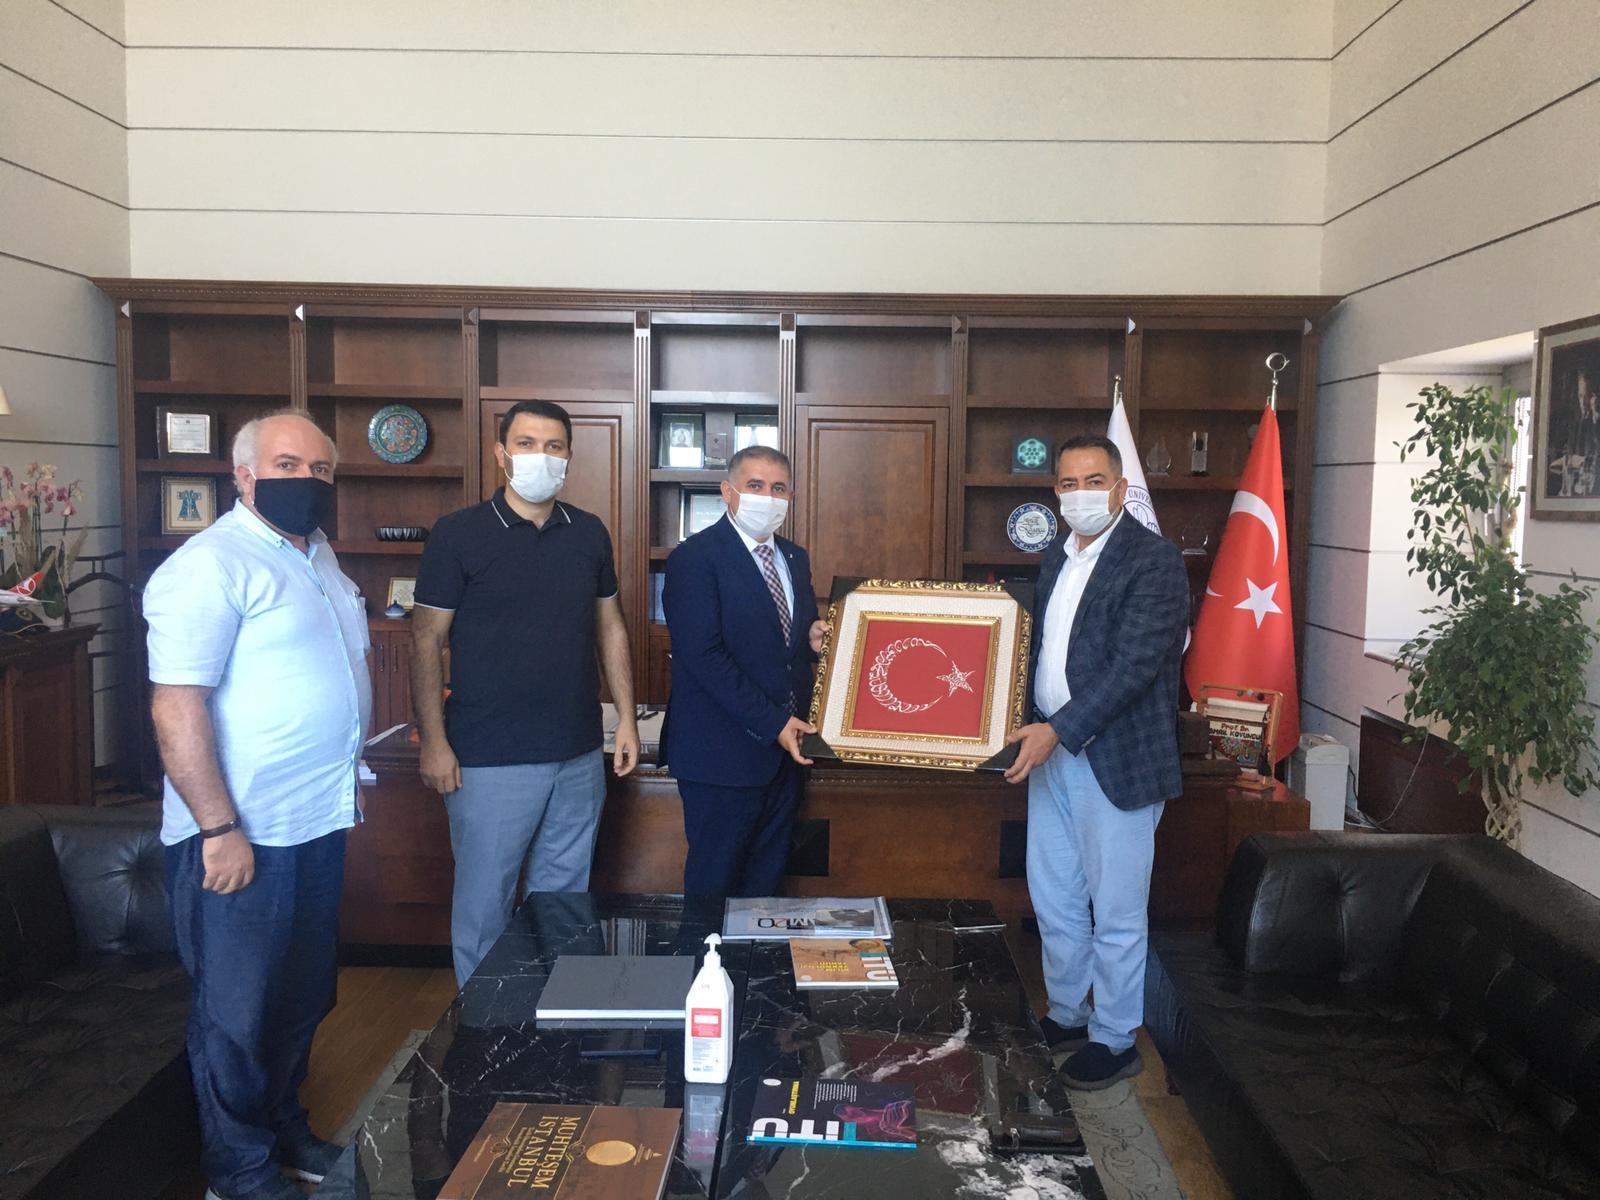 İTÜ Yeni Rektörü Prof. Dr. İsmail KOYUNCU